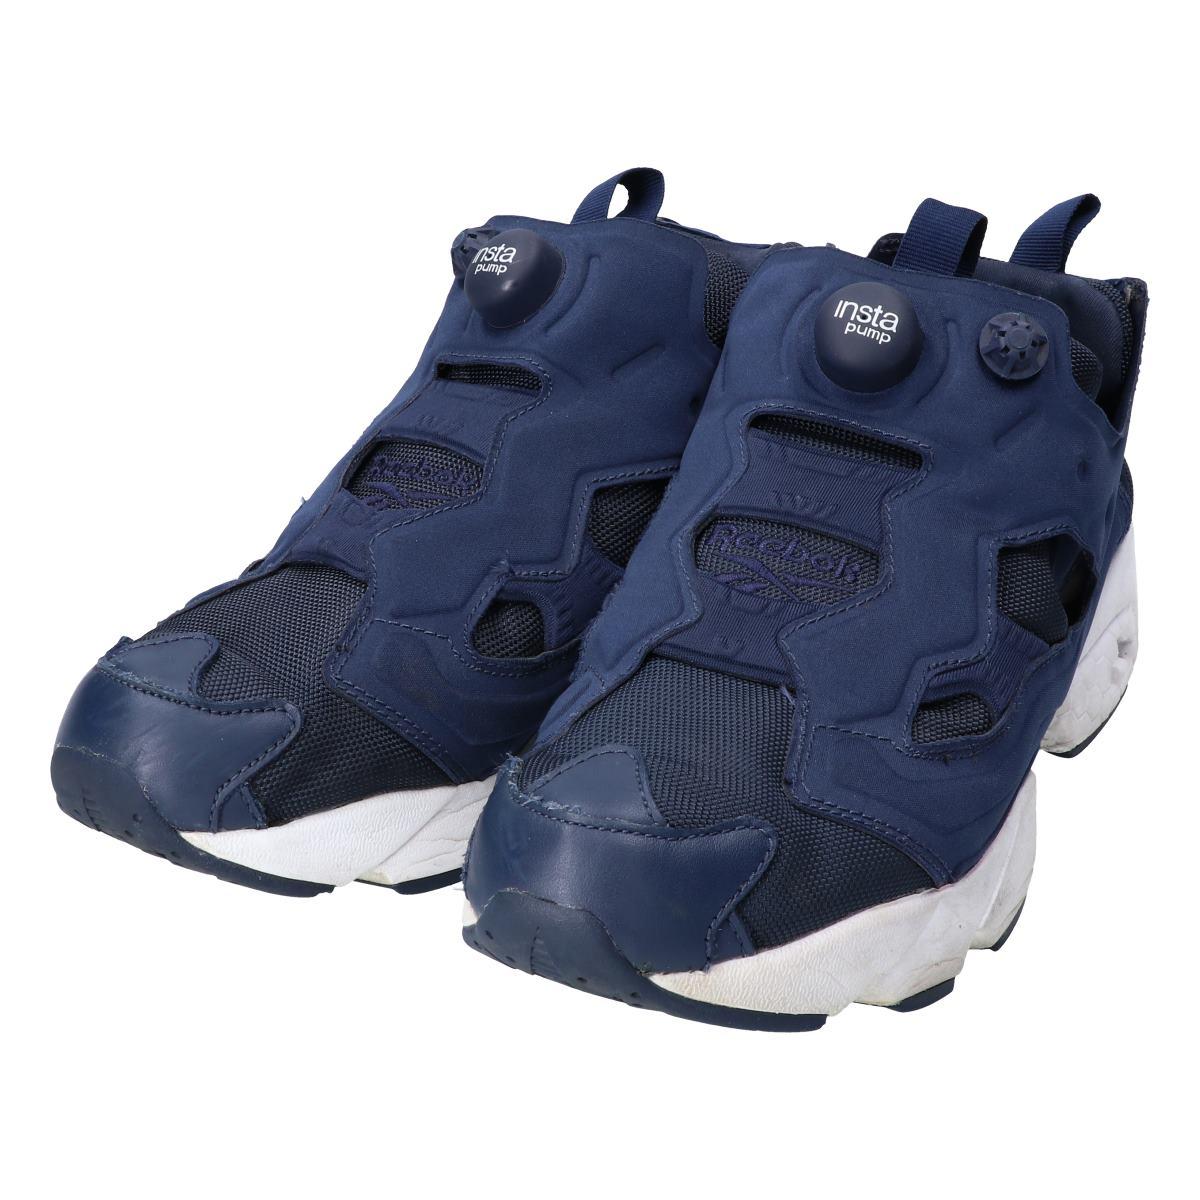 New Reebok Insta Pump Fury Og V65752 Navy Blue Shoes for Men